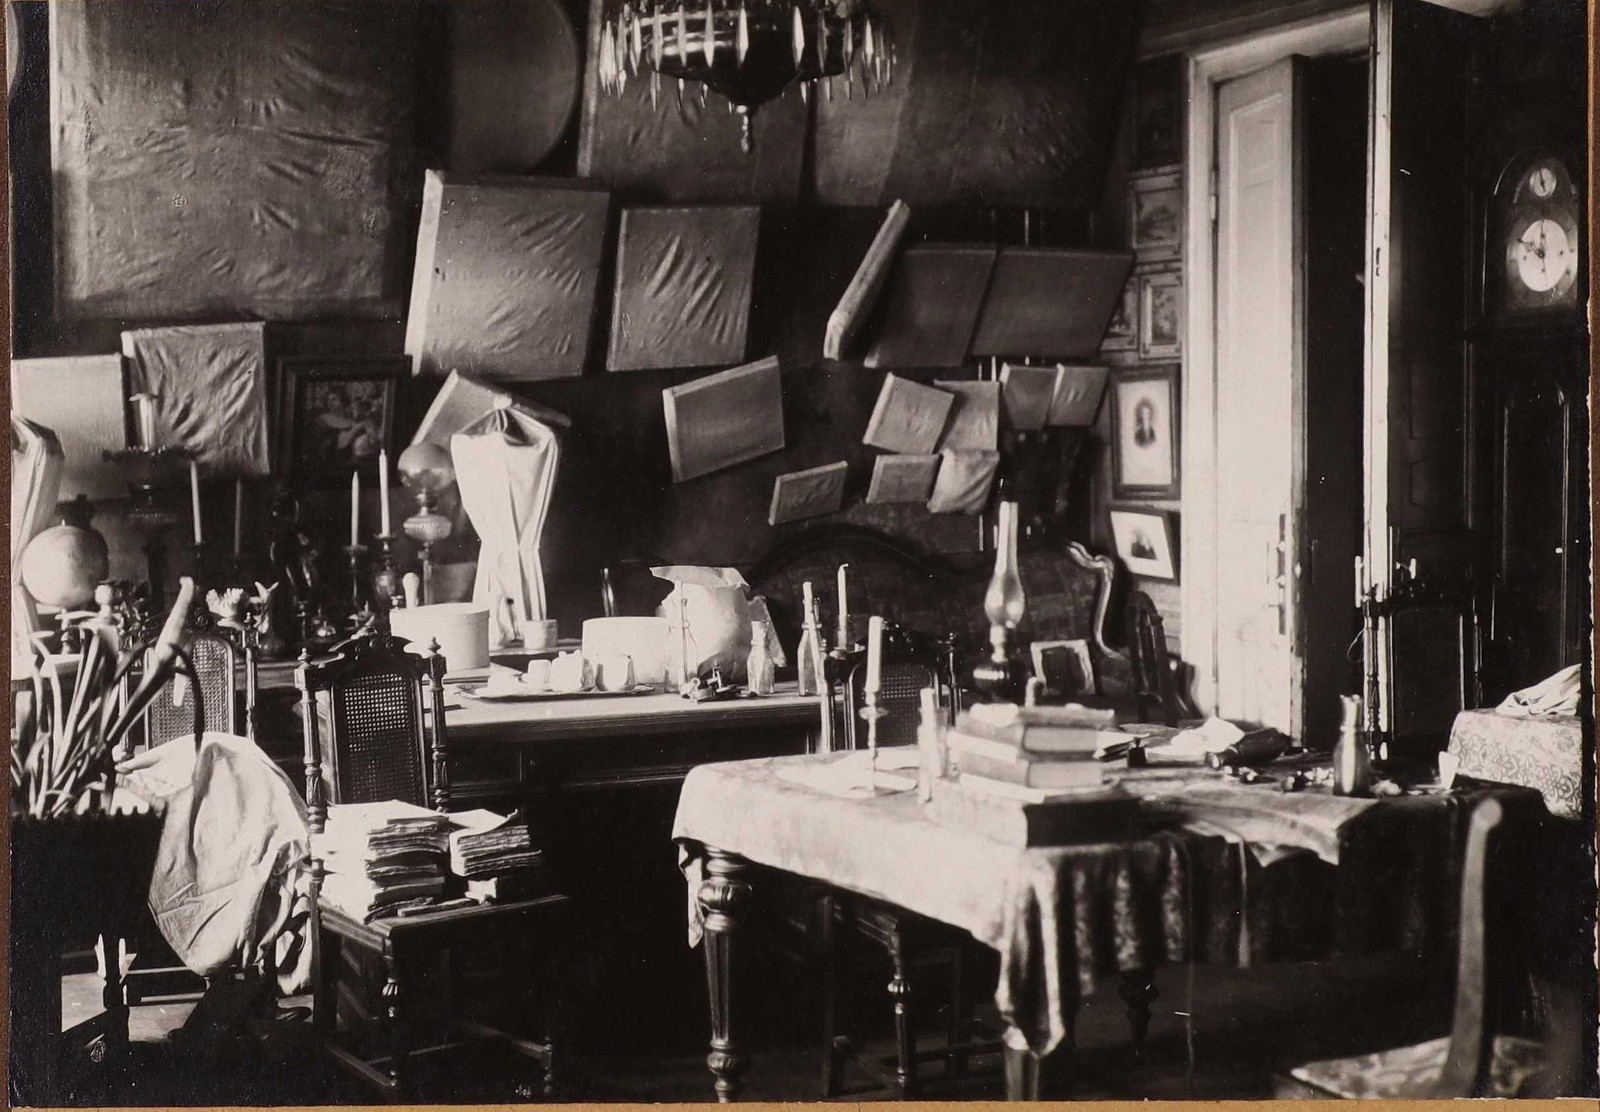 Фотографии кабинета Егора Егоровича Егорова в московском доме в Салтыковом переулке, сделанные после его убийства